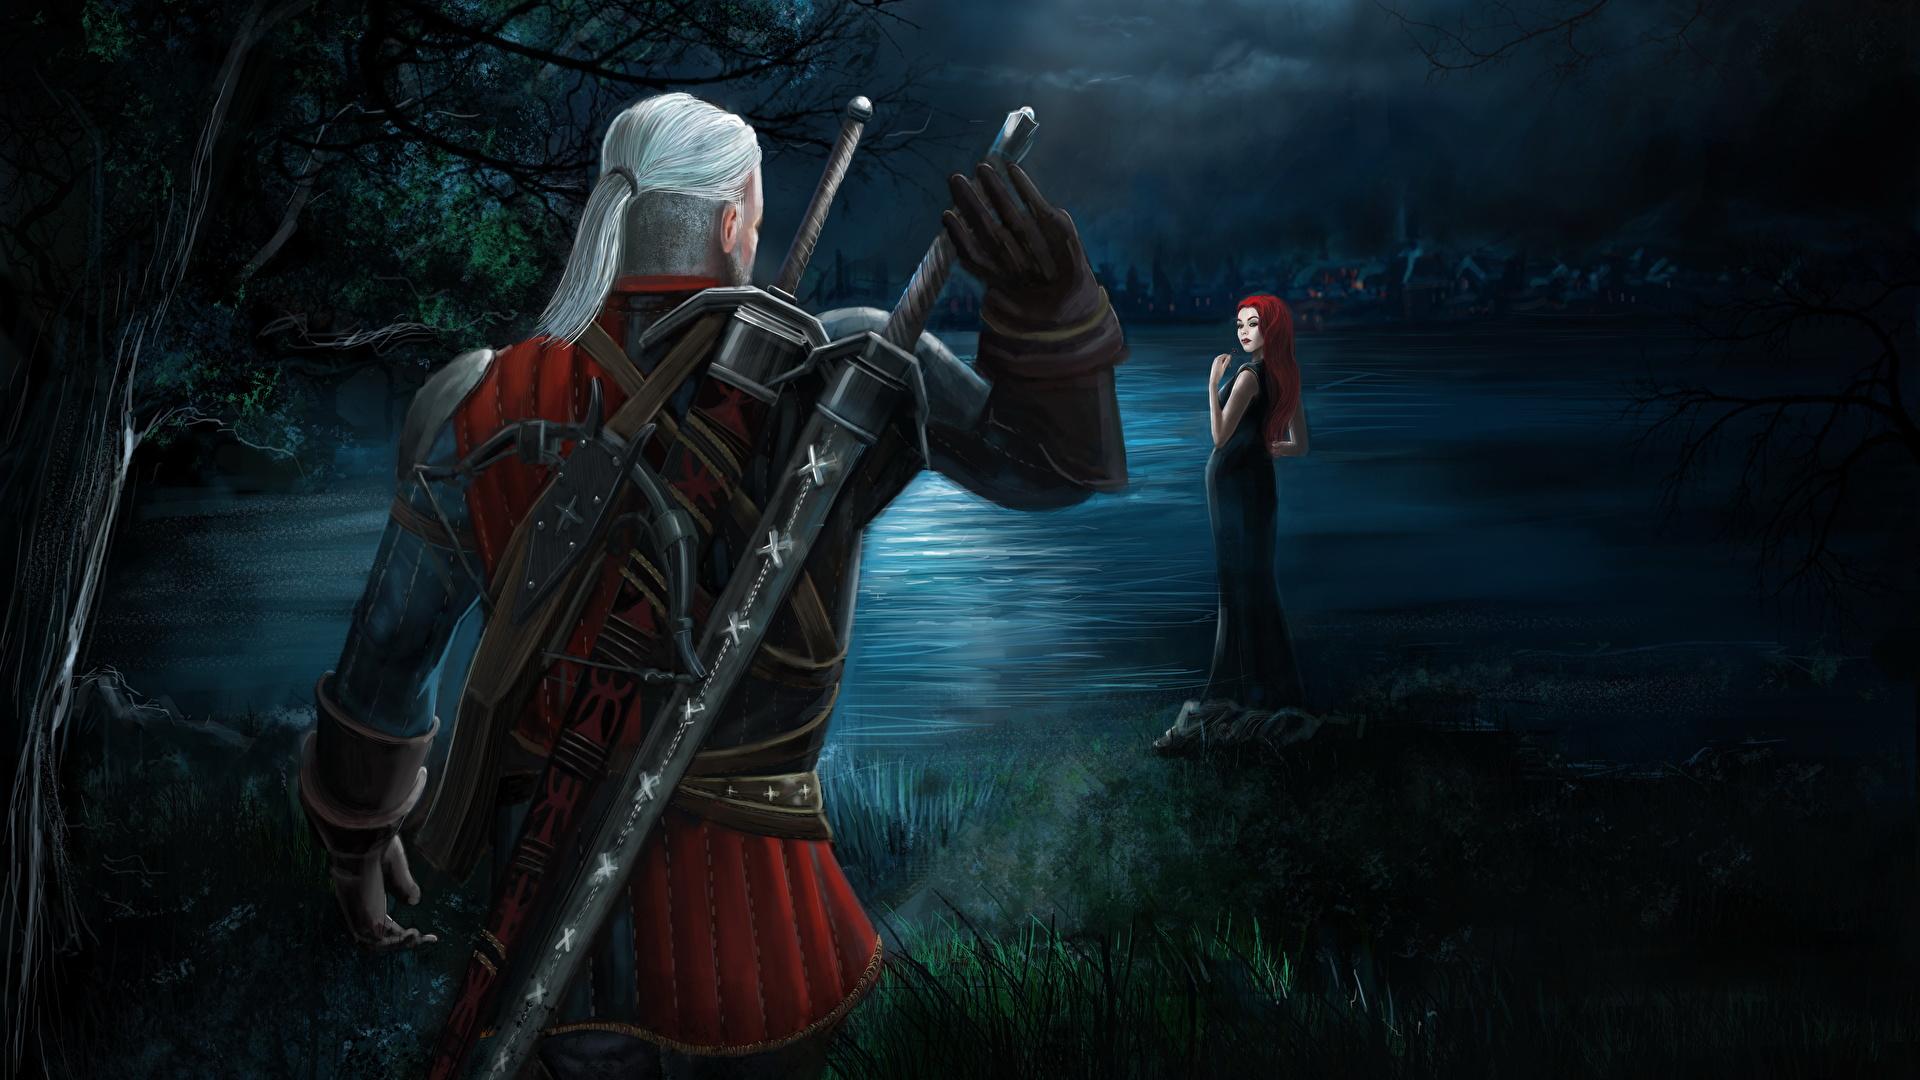 Desktop Wallpapers The Witcher 3 Wild Hunt Swords Geralt